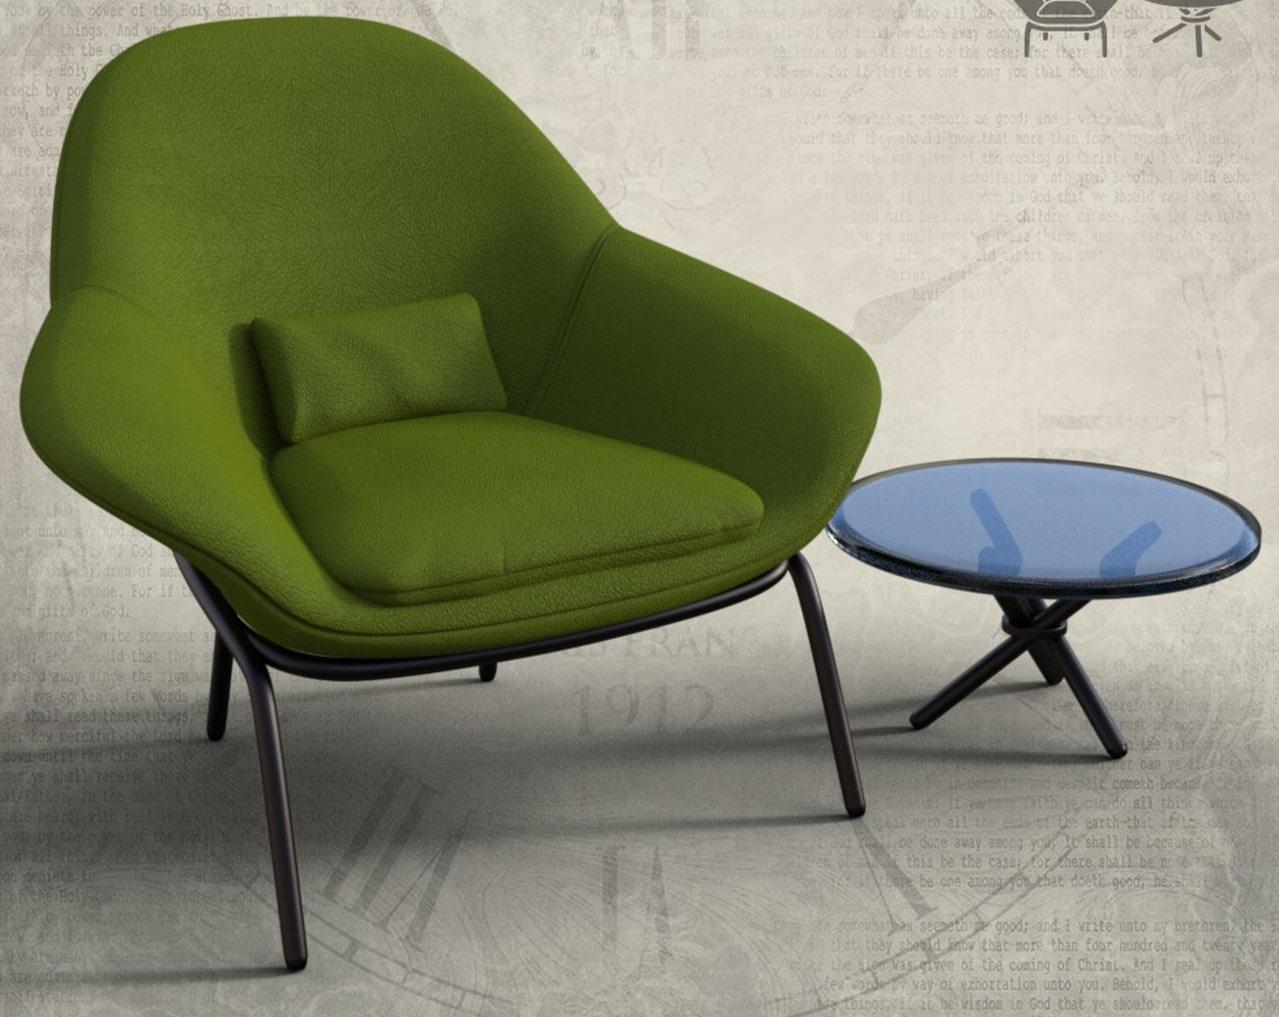 lounger chair 3d model